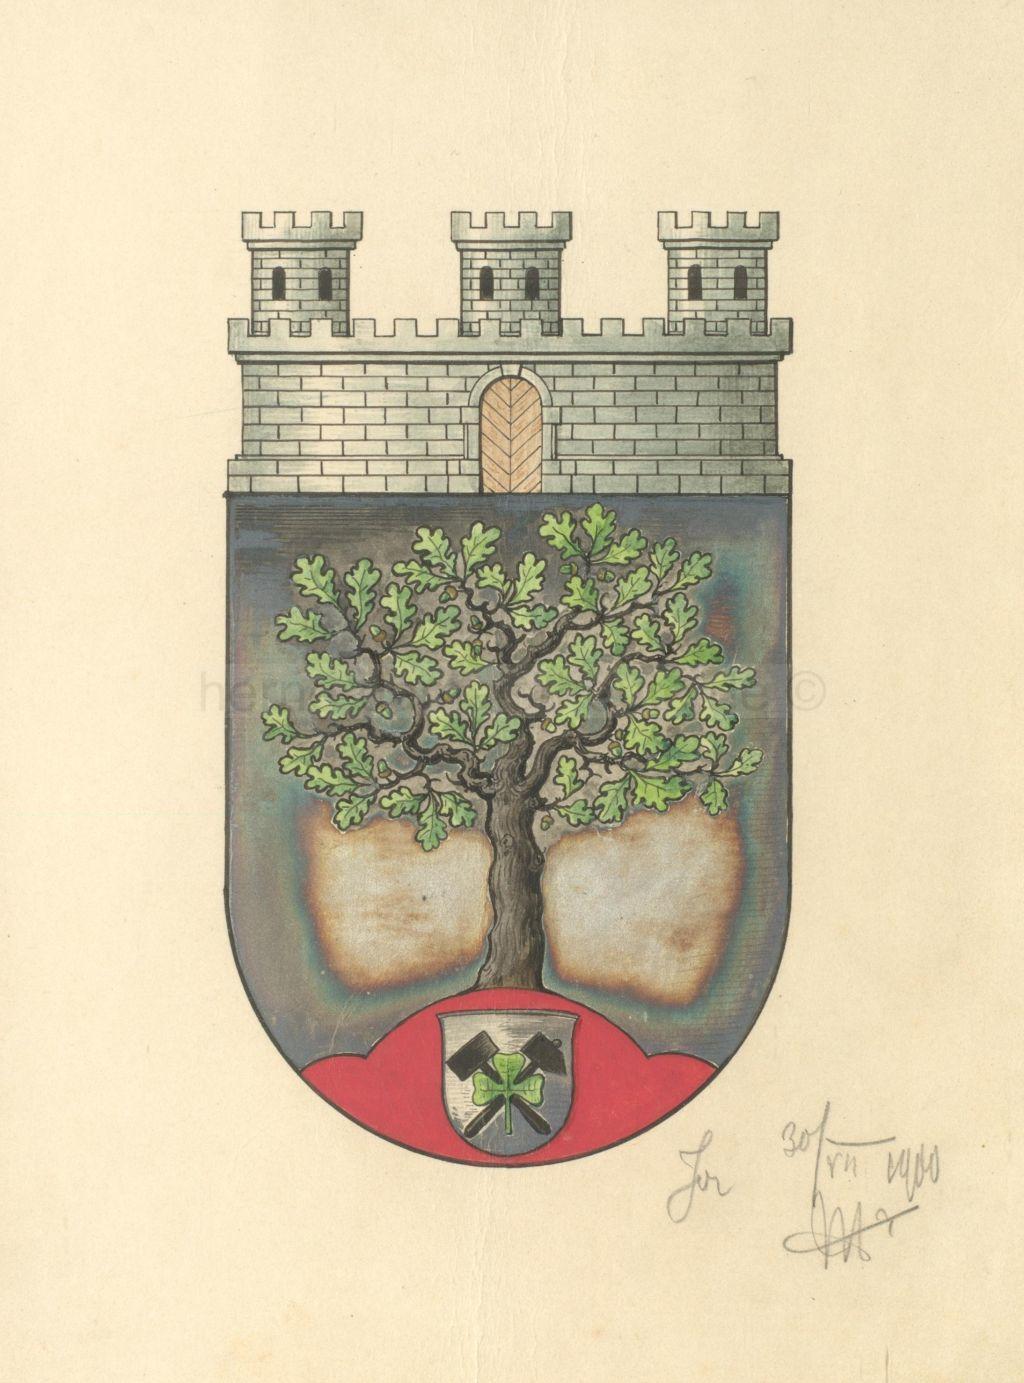 Wappen der Stadt Herne vom 30. Juli 1900 bis 30. November 1937. Neben Schlägel und Eisen ist auch das dreiblättrige Kleeblatt, das Nationalsymbol Irlands, eingearbeitet. Repro Stadtarchiv Herne